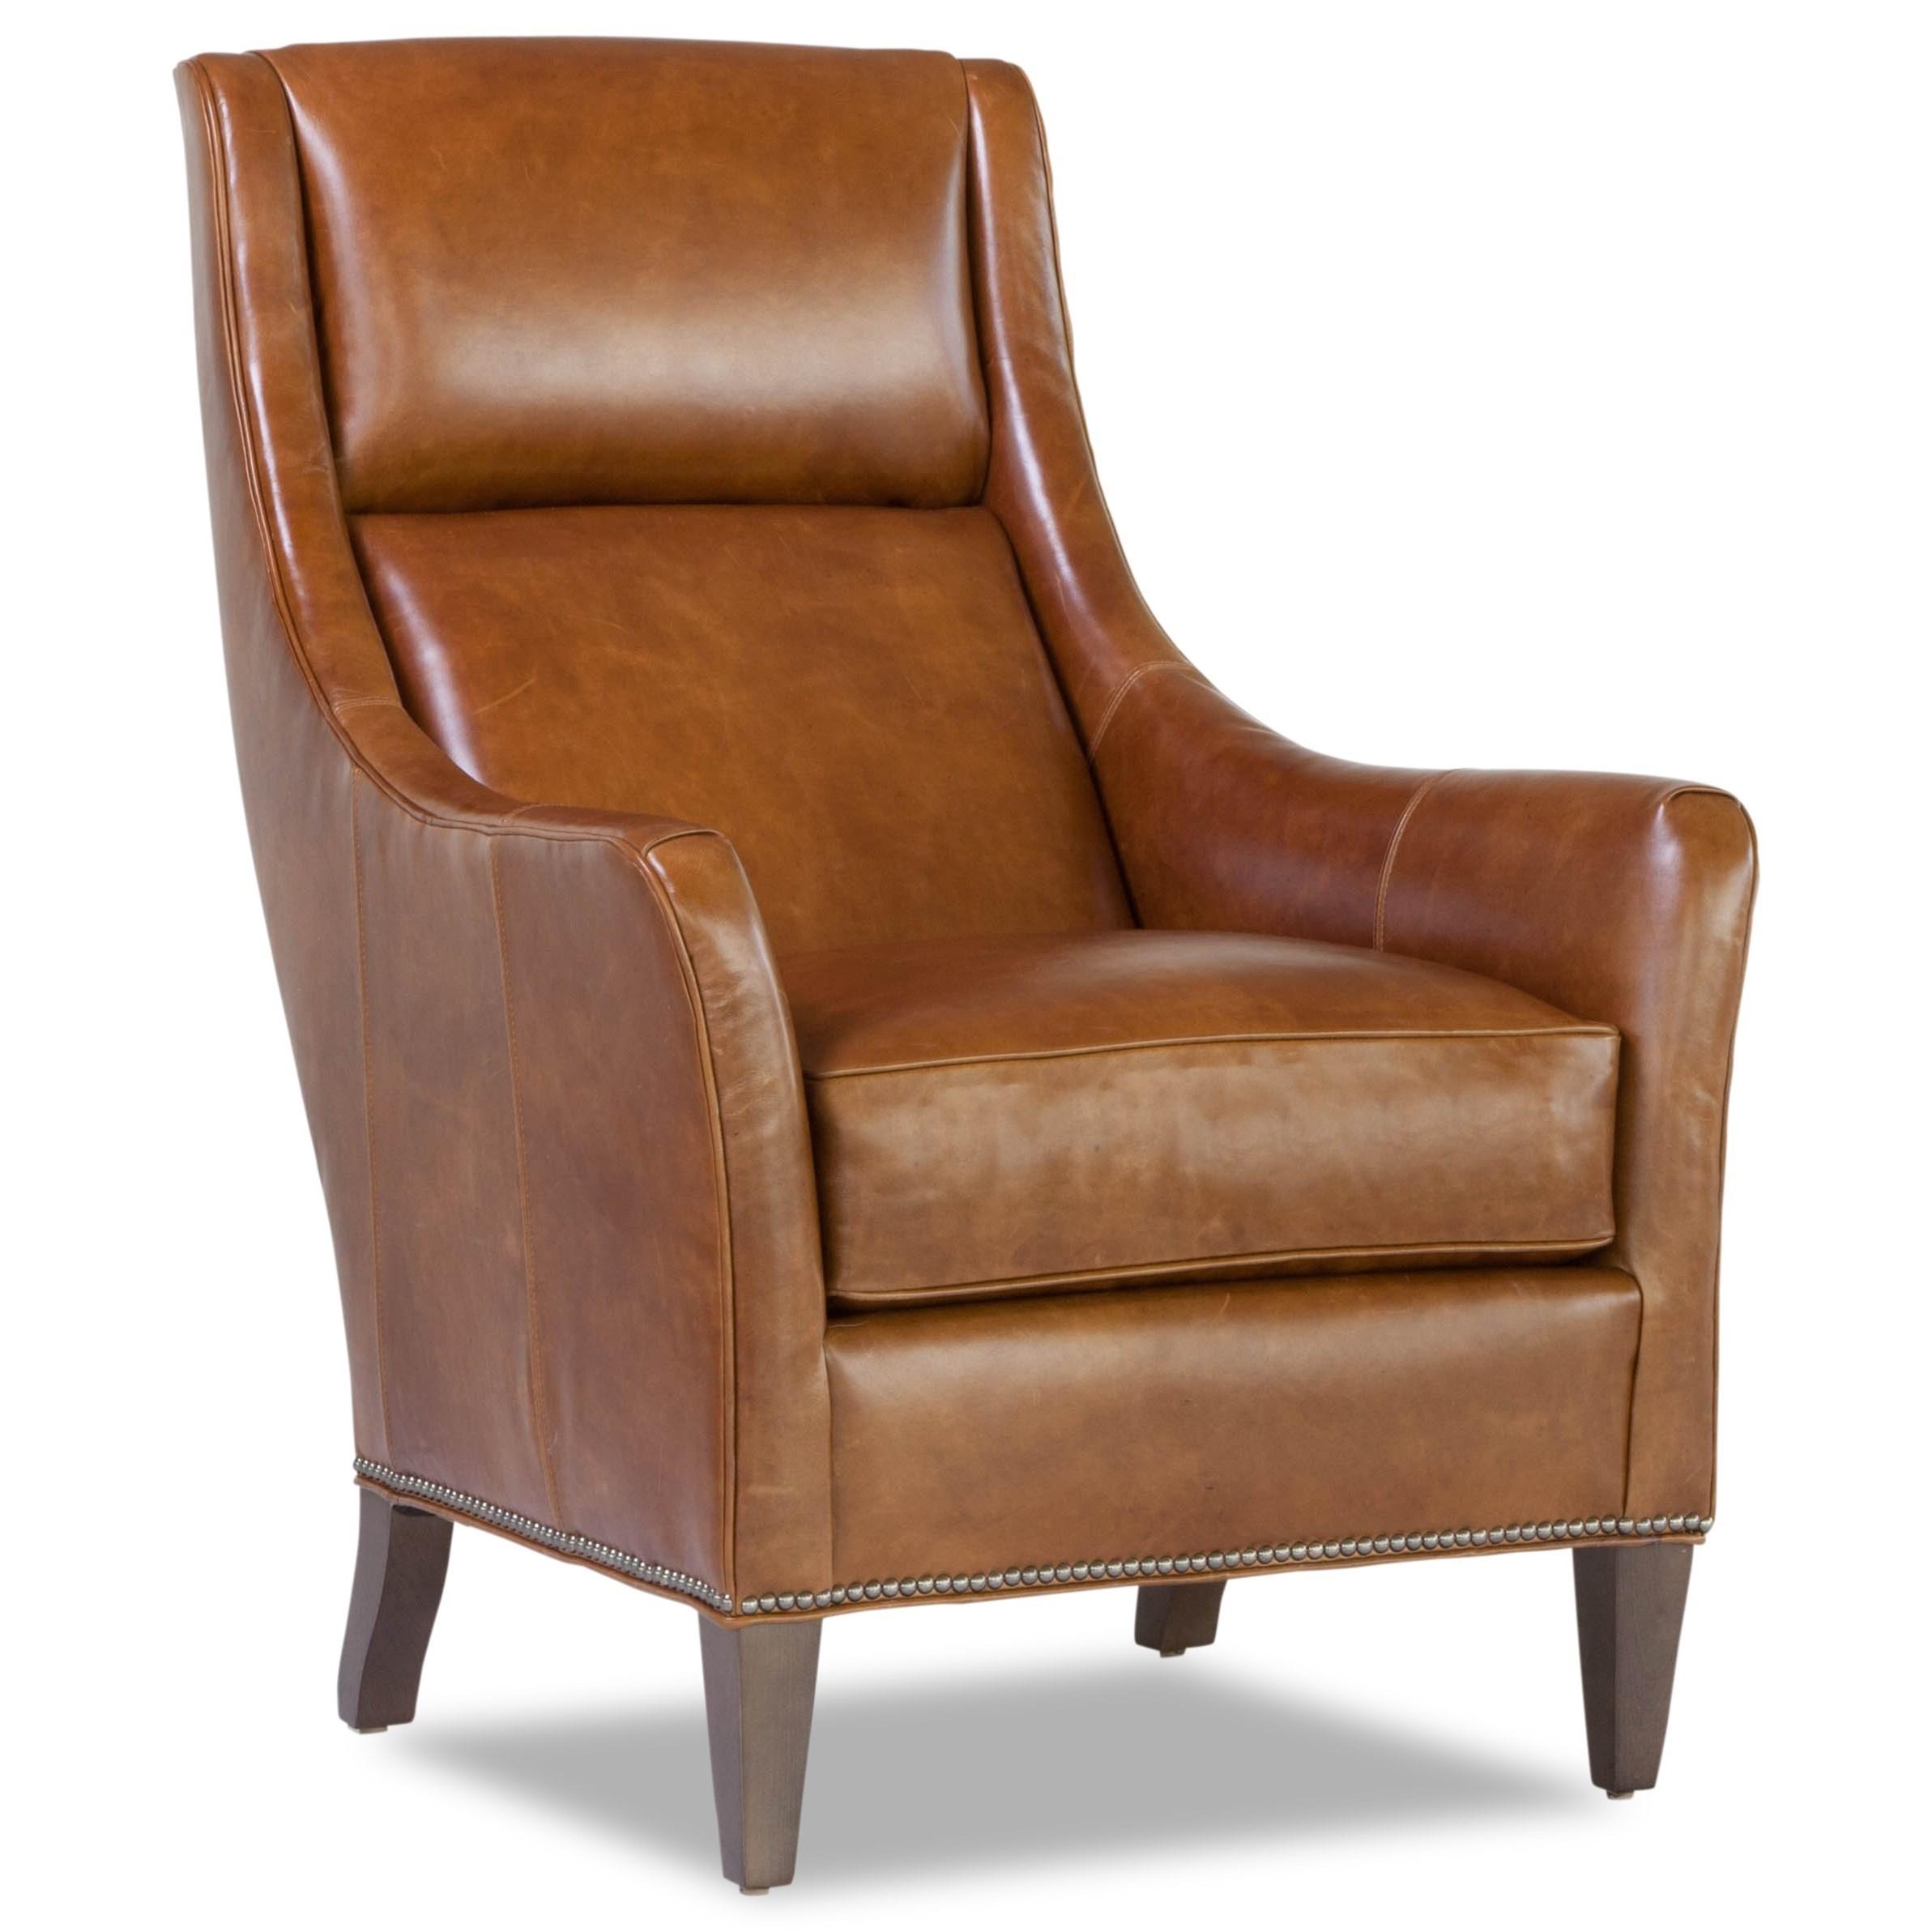 7751 Chair by Geoffrey Alexander at Sprintz Furniture